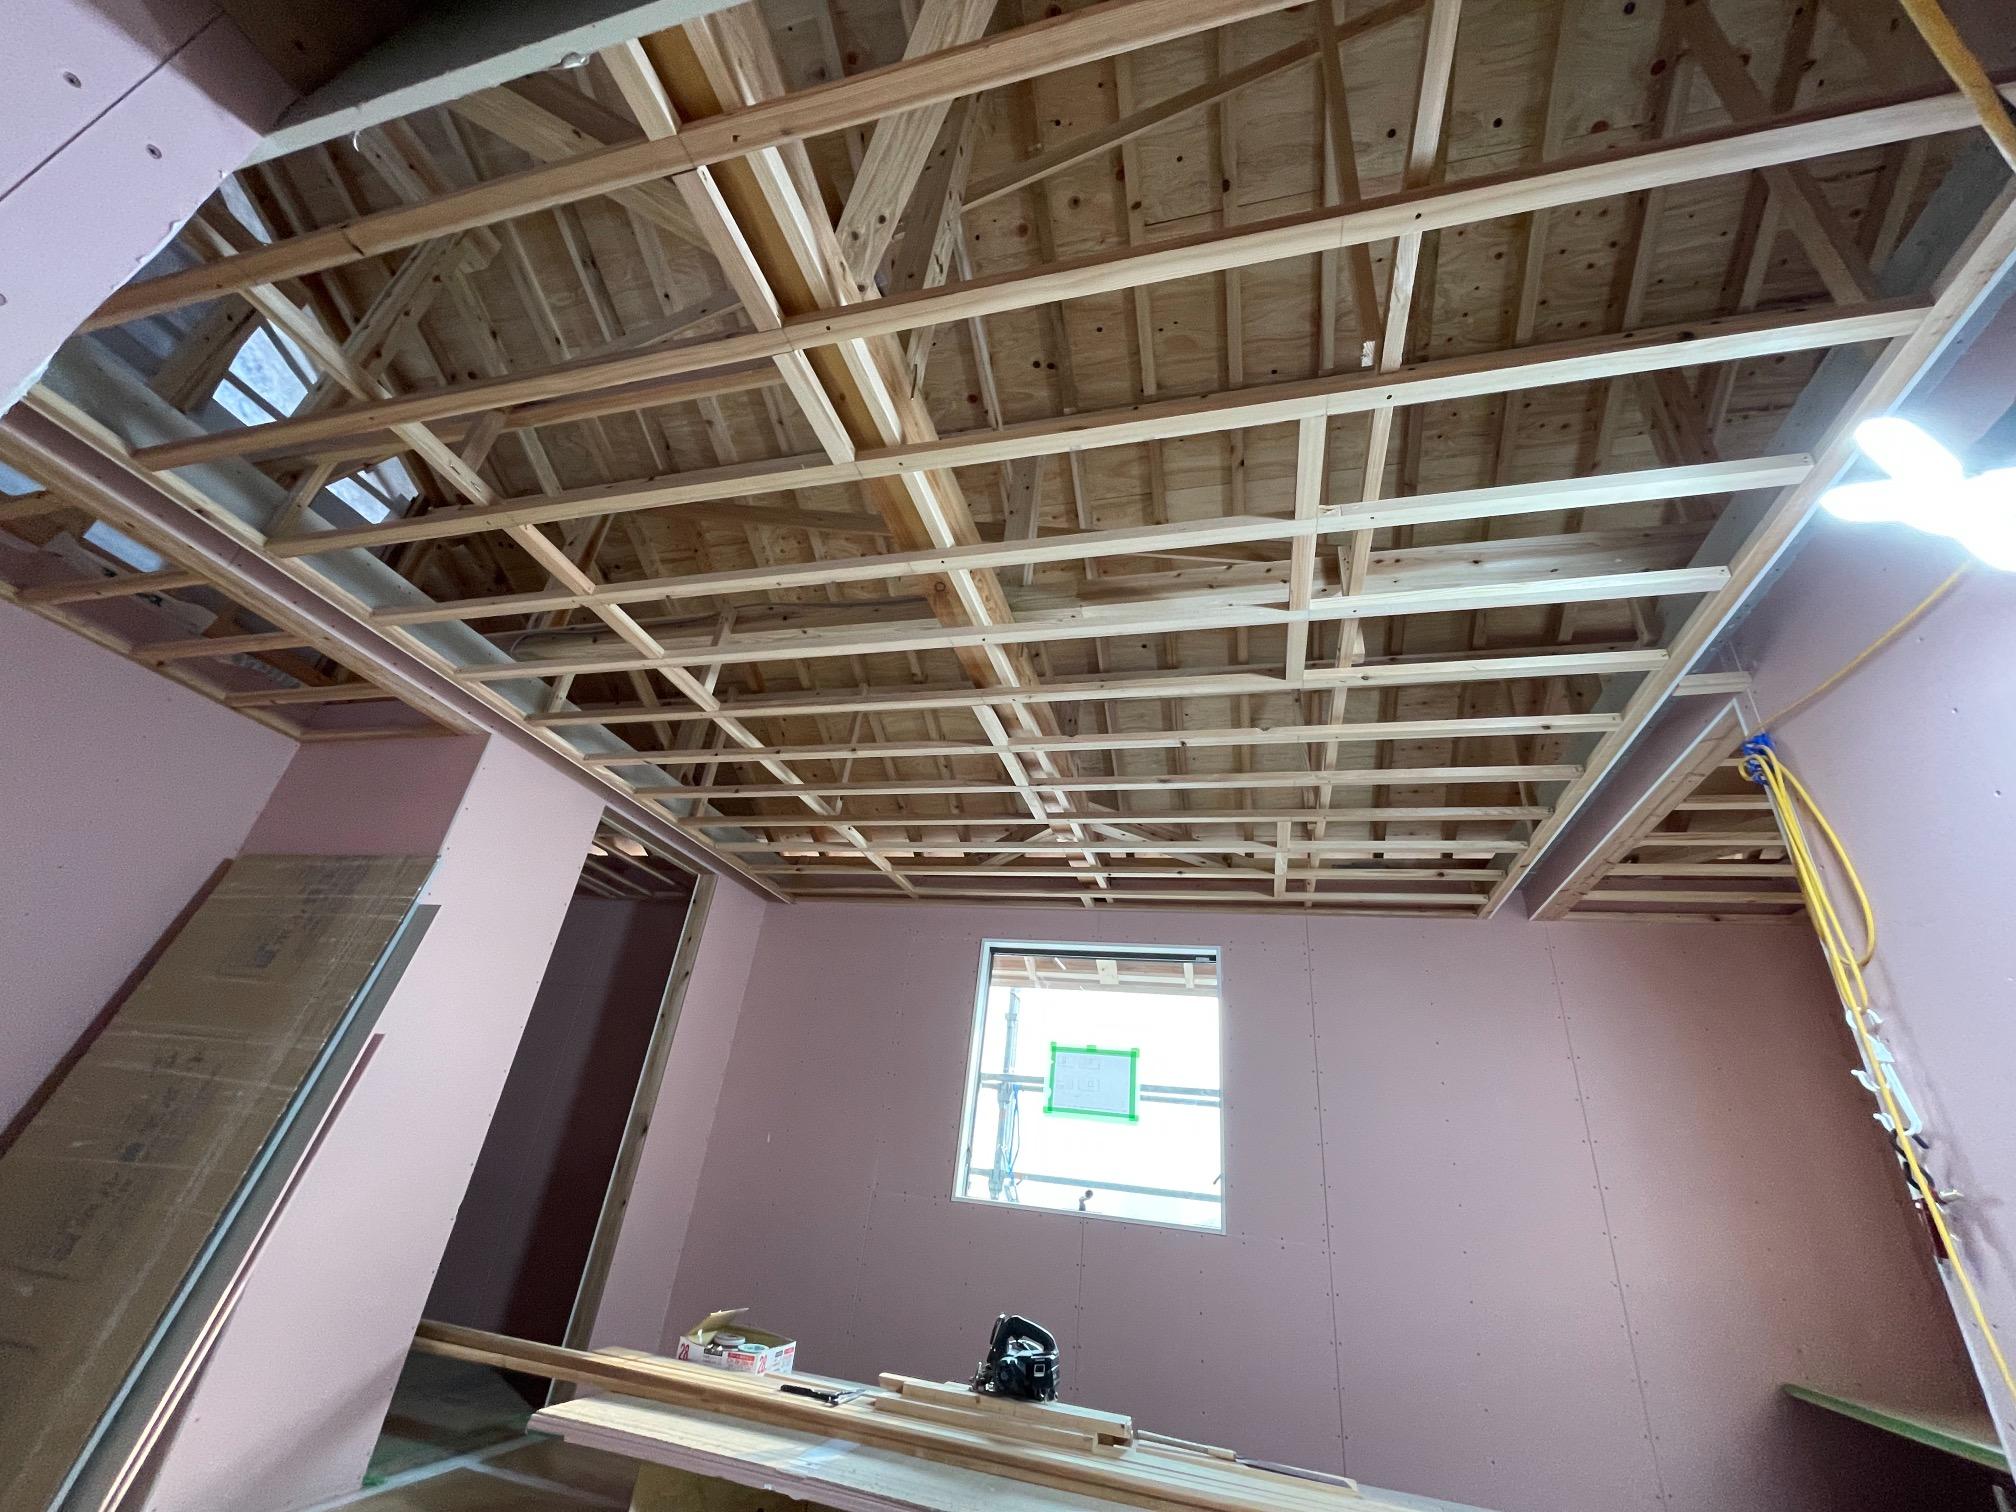 ALP住宅展示場 サラダホーム新モデルハウス内部工事